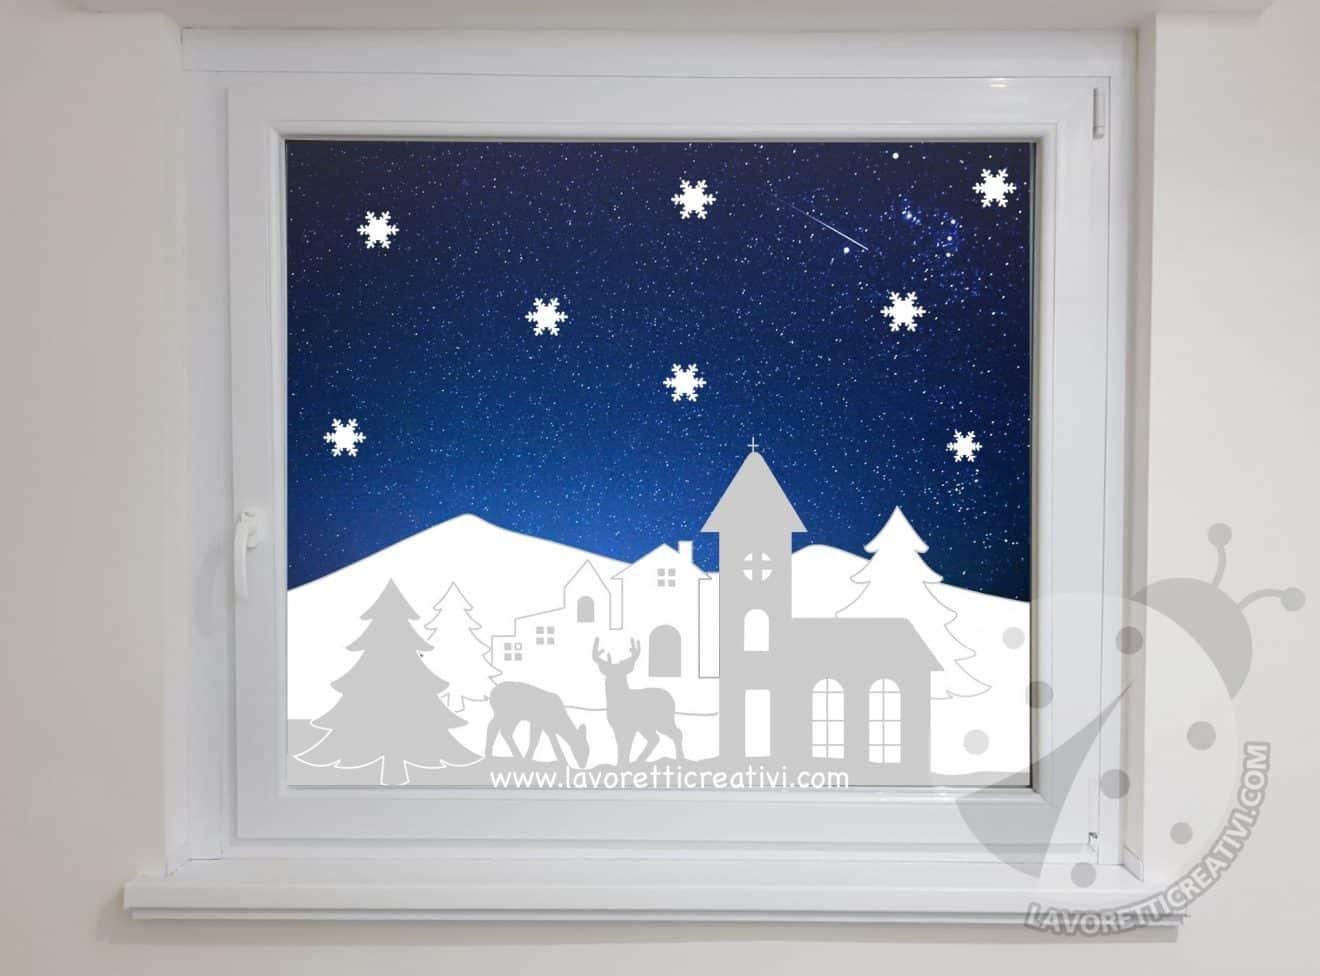 Decorazioni invernali per finestre fai da te lavoretti - Finestre fai da te ...